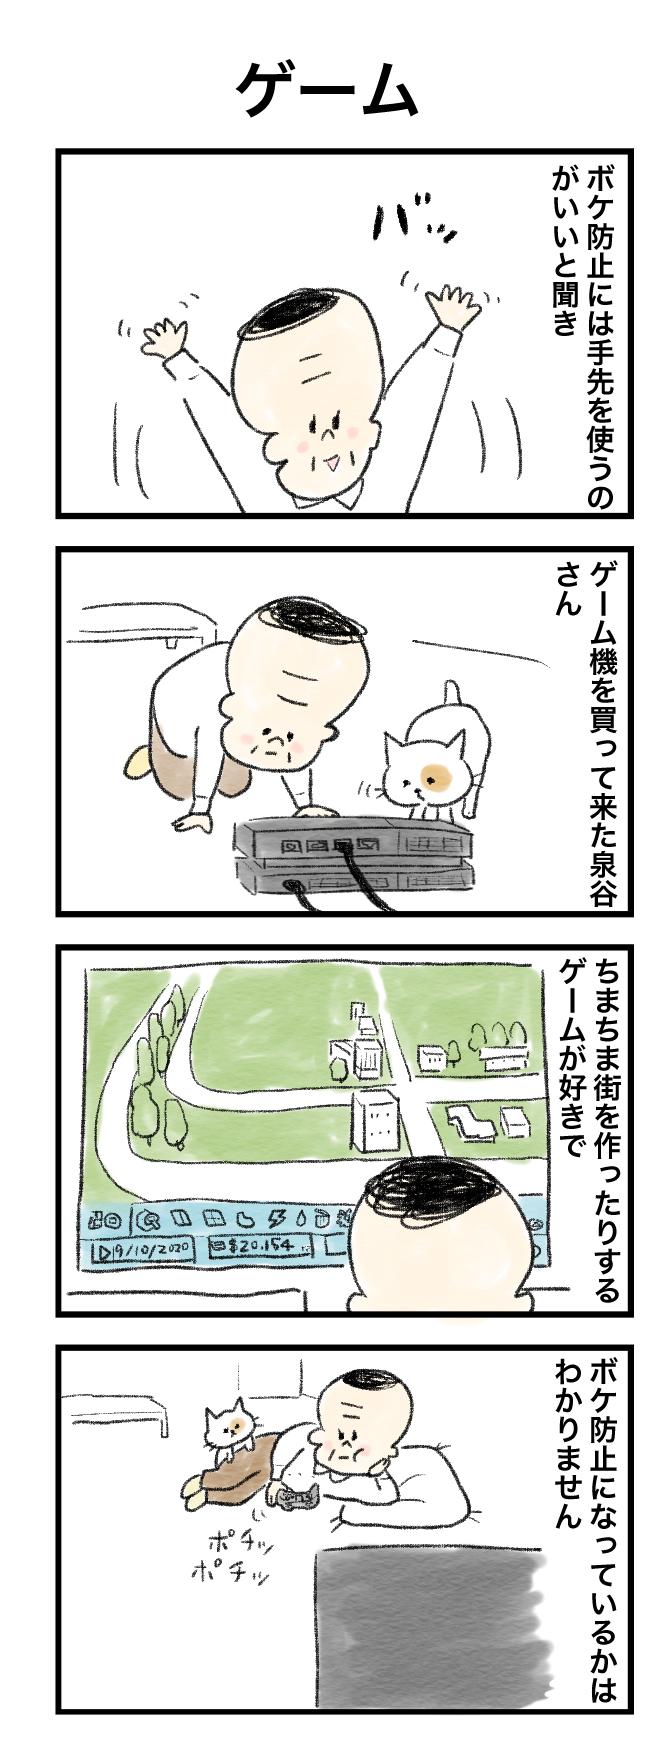 今日の泉谷さん【20】 作:カワサキヒロシ(ごとお日漫画)